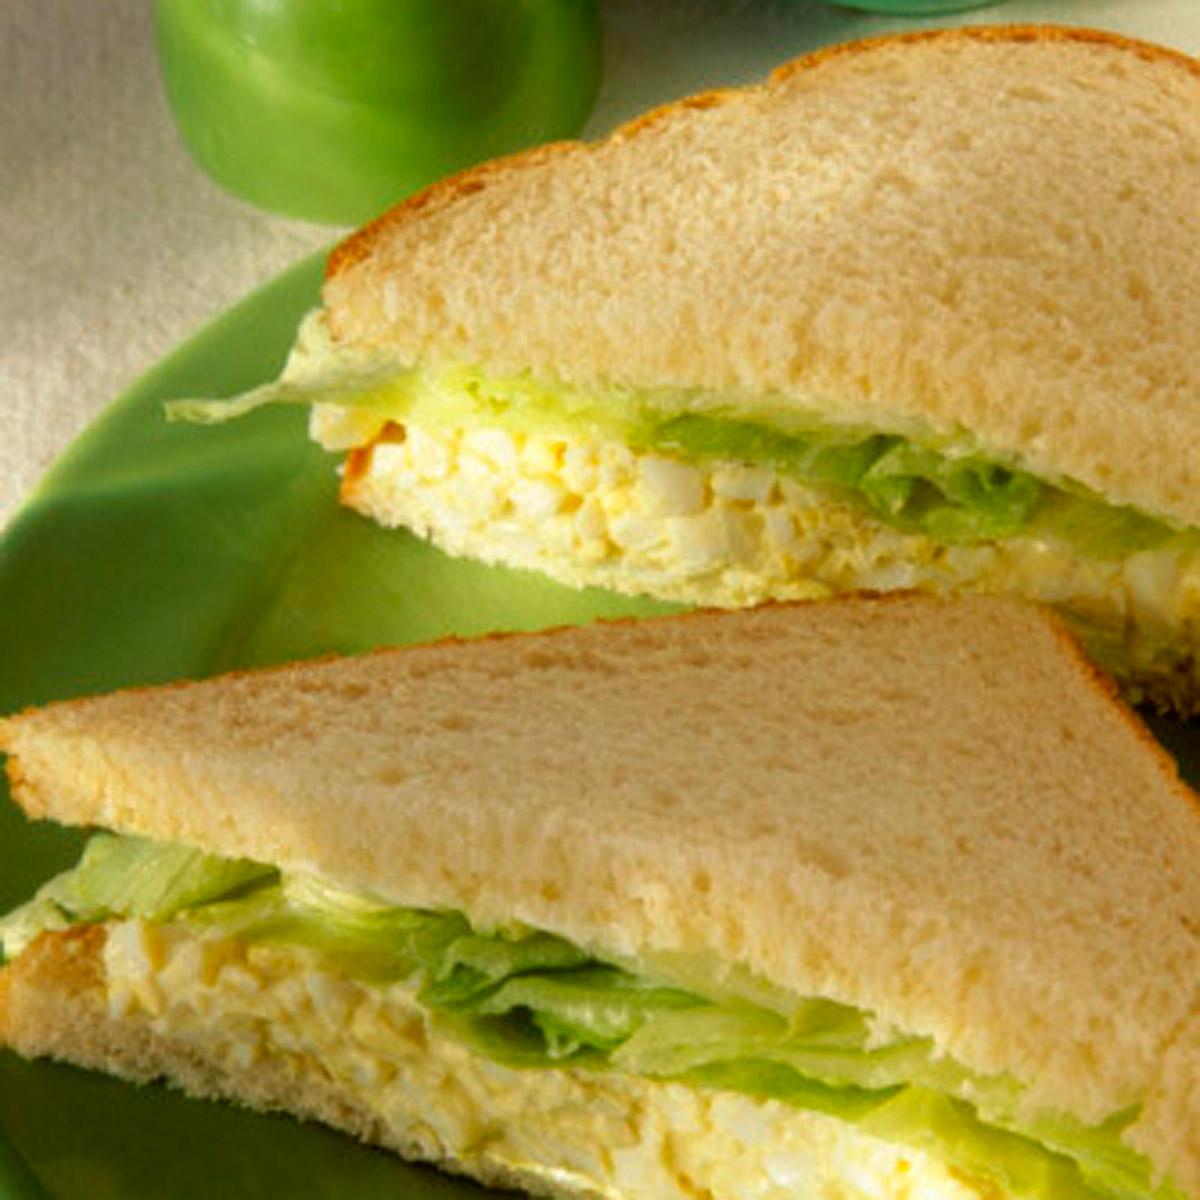 Sandwich de cangrejo con jamón y lechuga